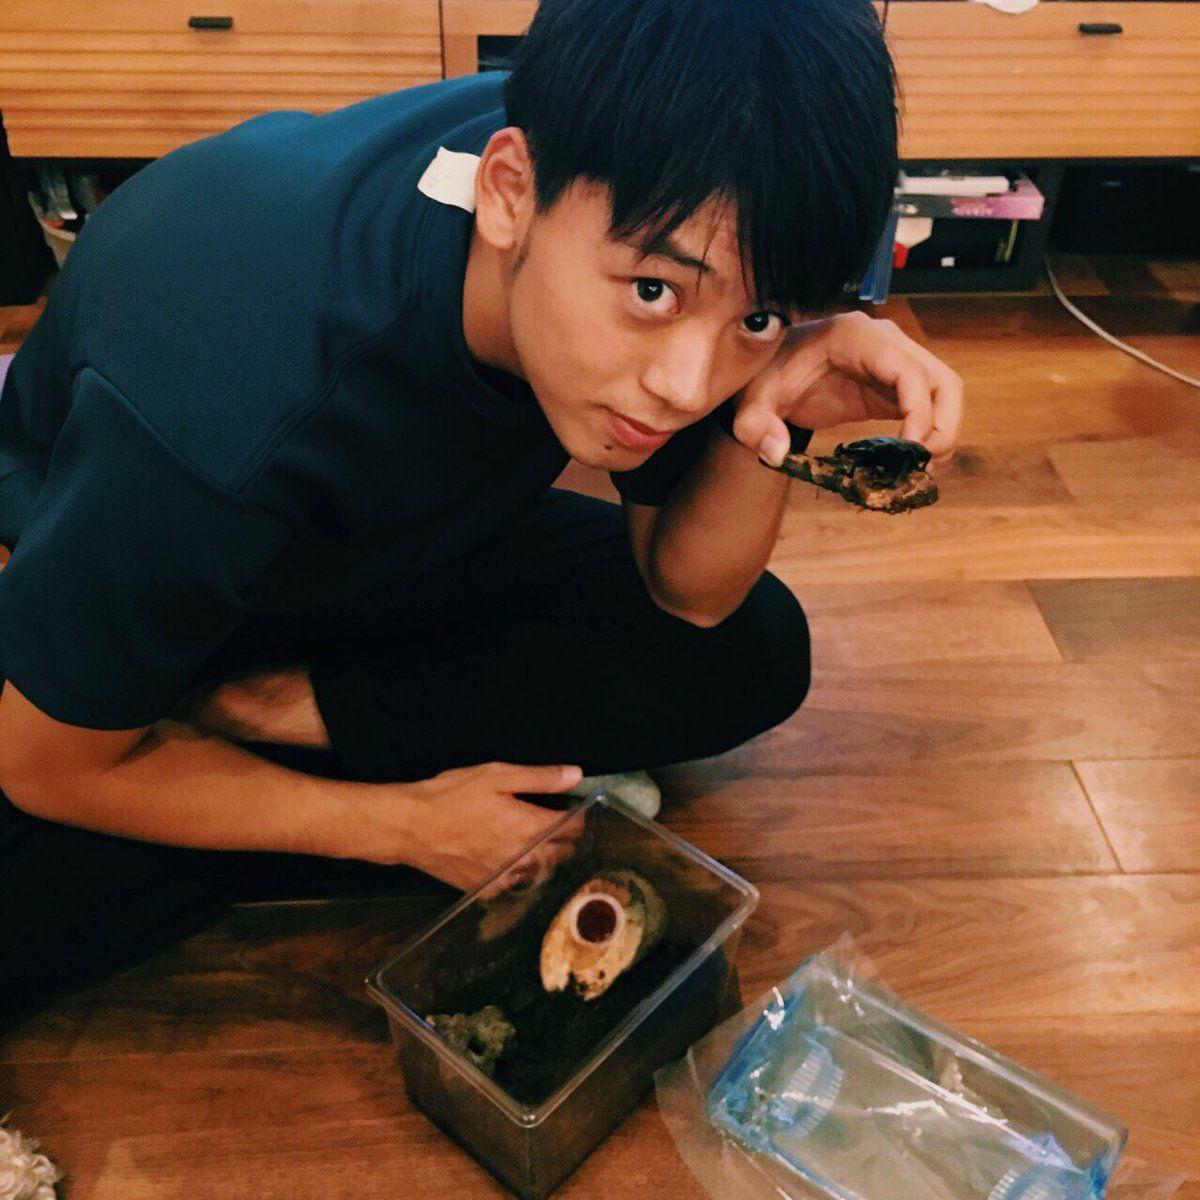 メディアツイート 竹内涼真 Takeuchi Ryoma さん Twitter 竹内涼真 写真集 俳優 写真集